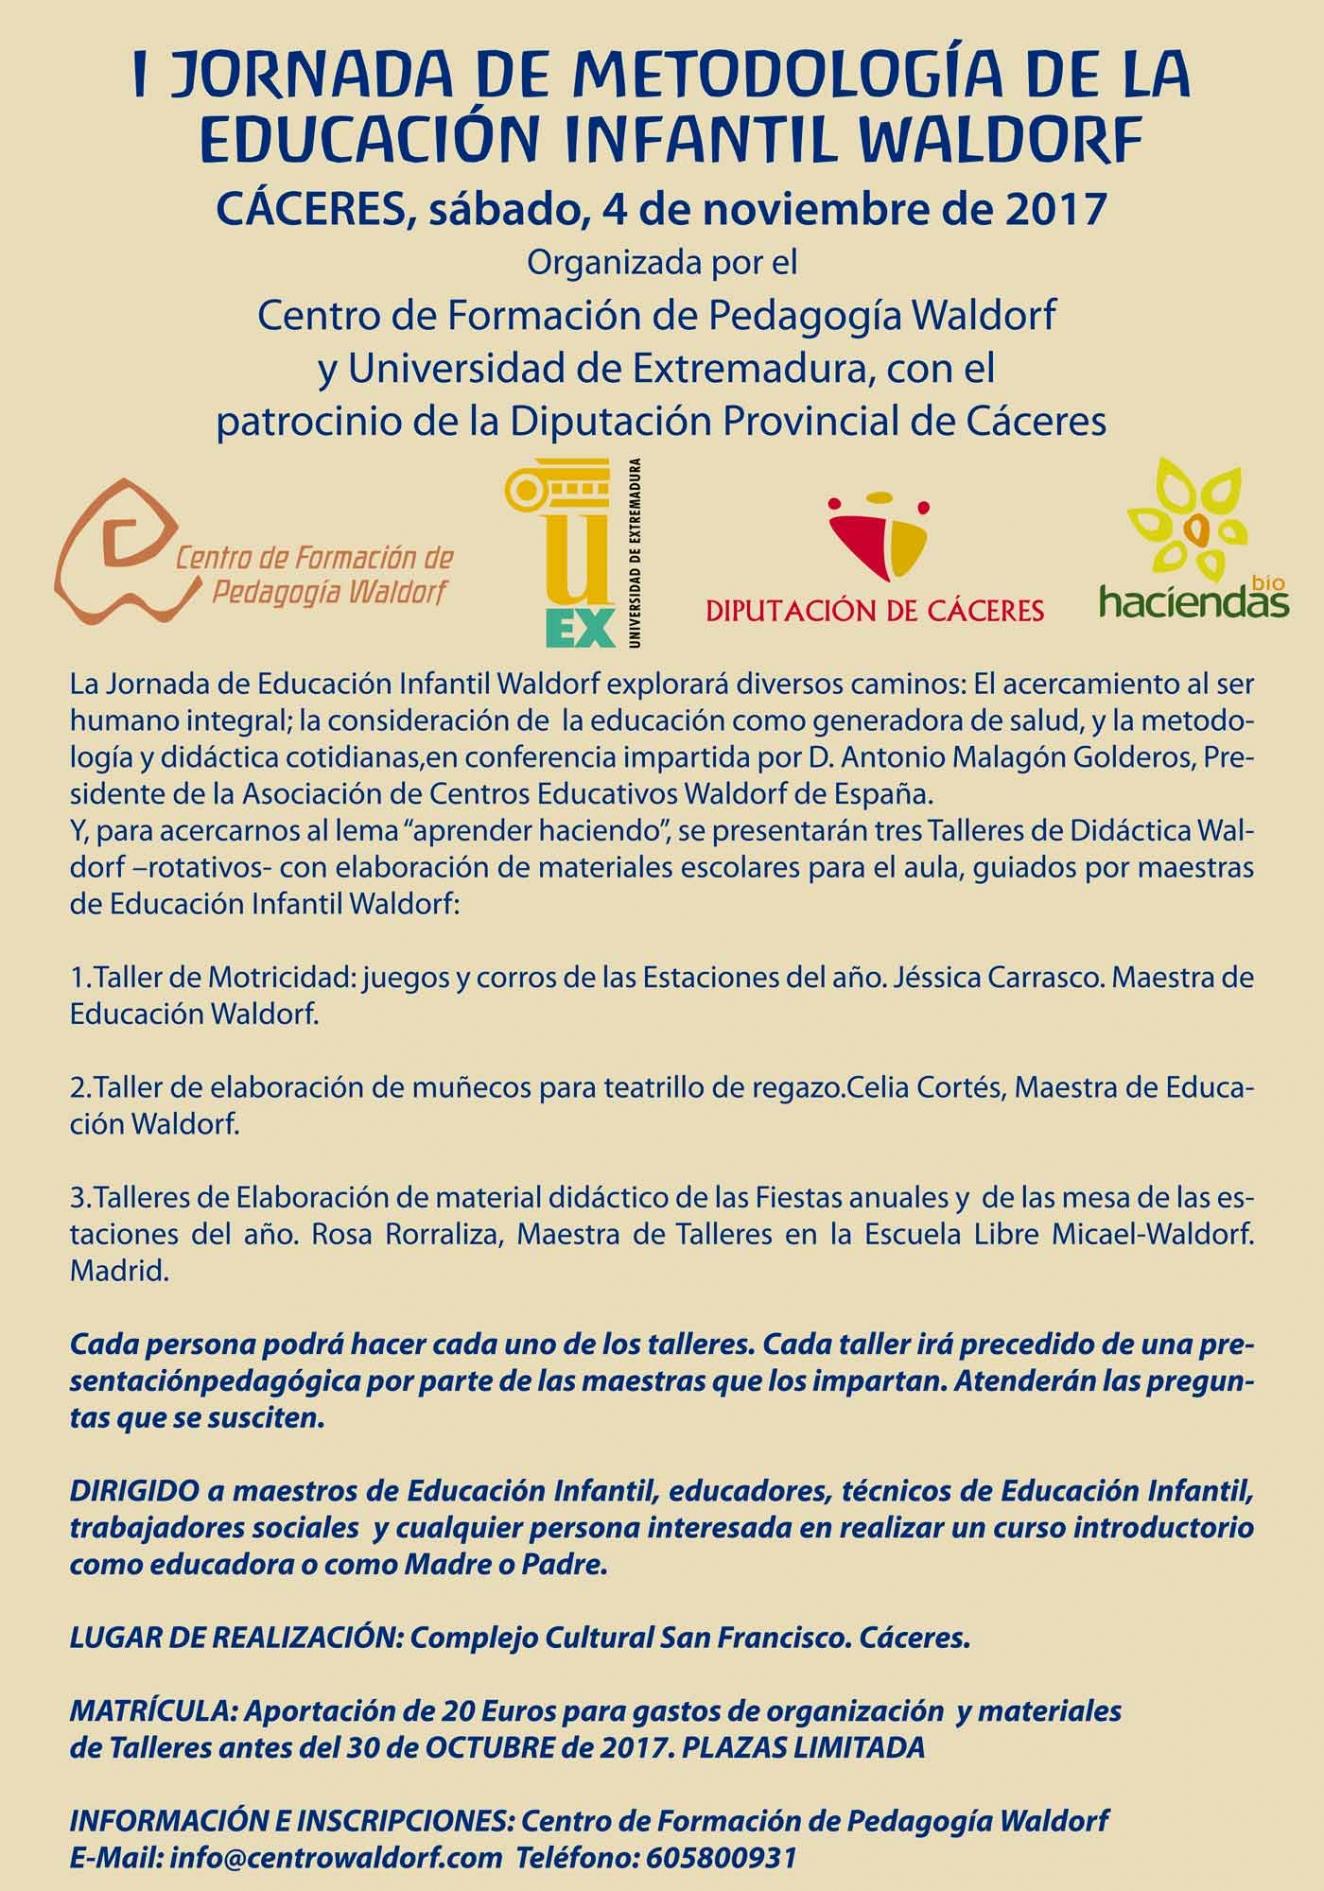 I JORNADA DE METODOLOGÍA DE LA EDUCACIÓN INFANTIL WALDORF